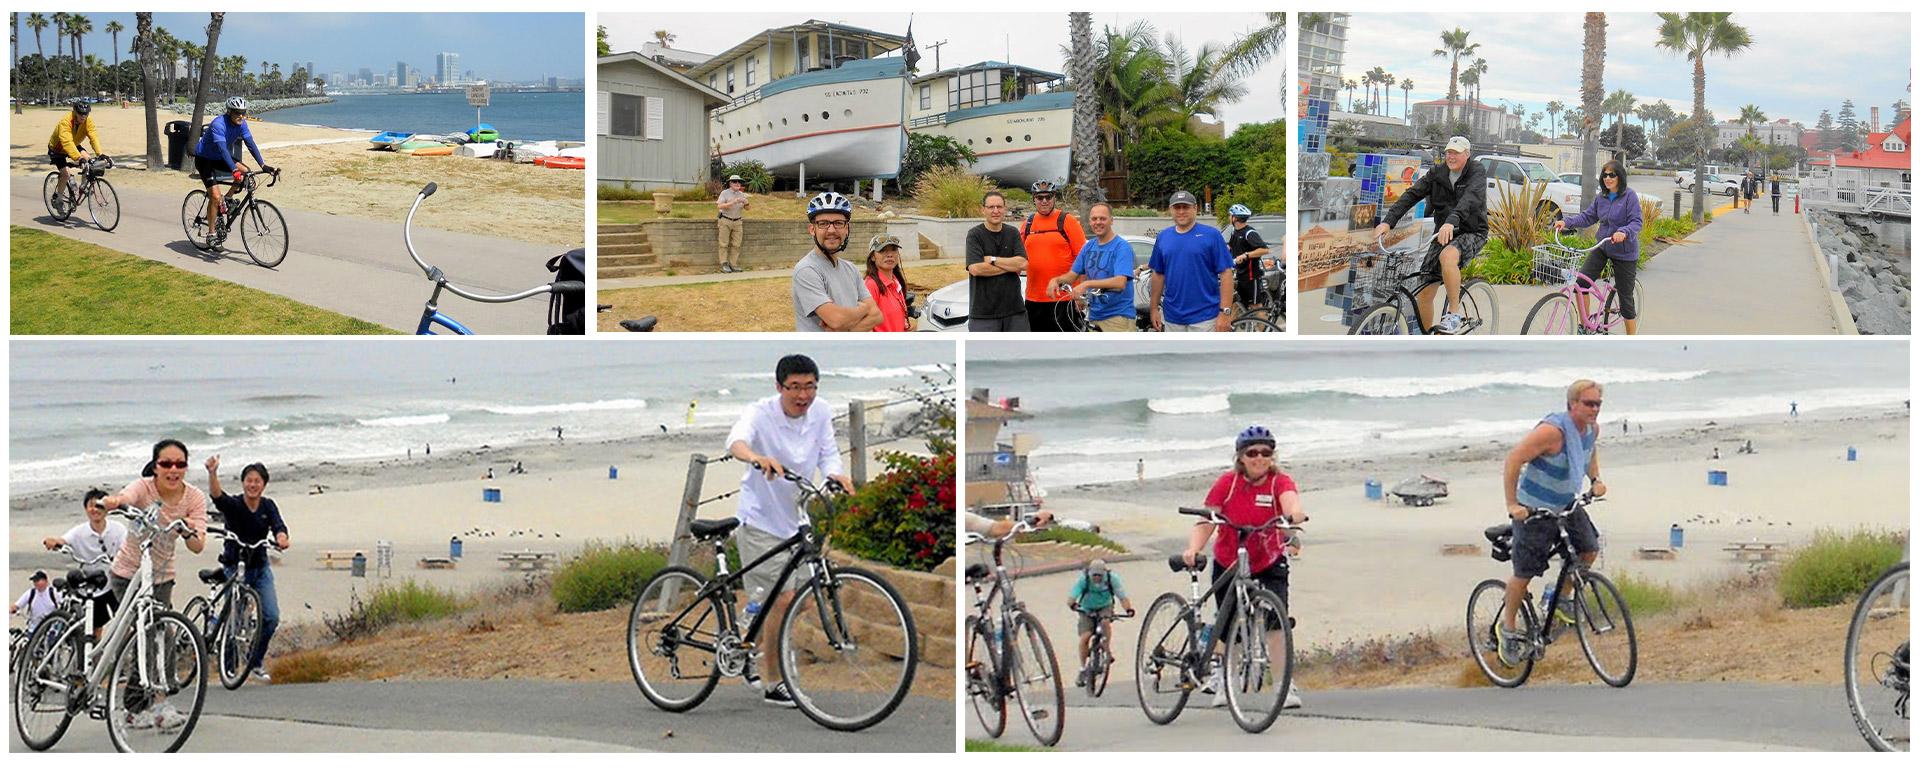 San Diego Bike Tours